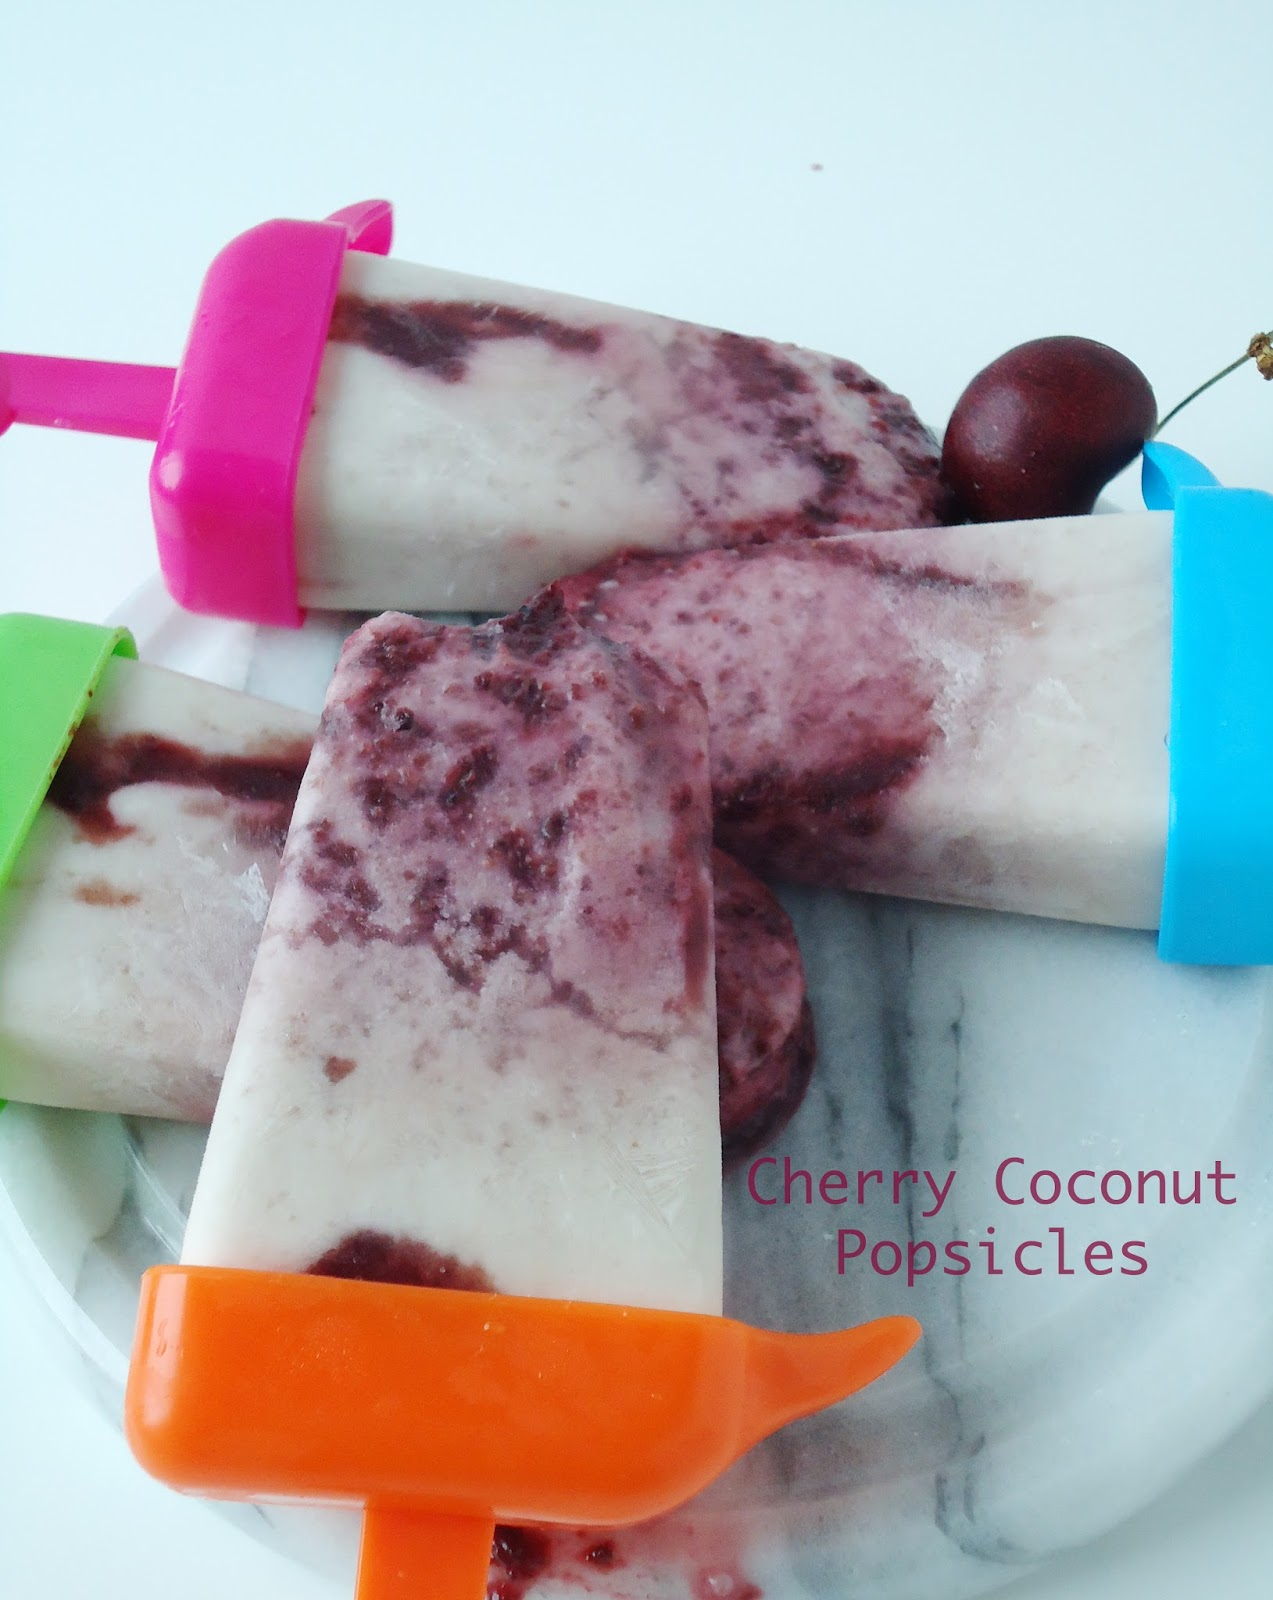 Cherry Coconut Popsicles|www.blahnikbaker.com